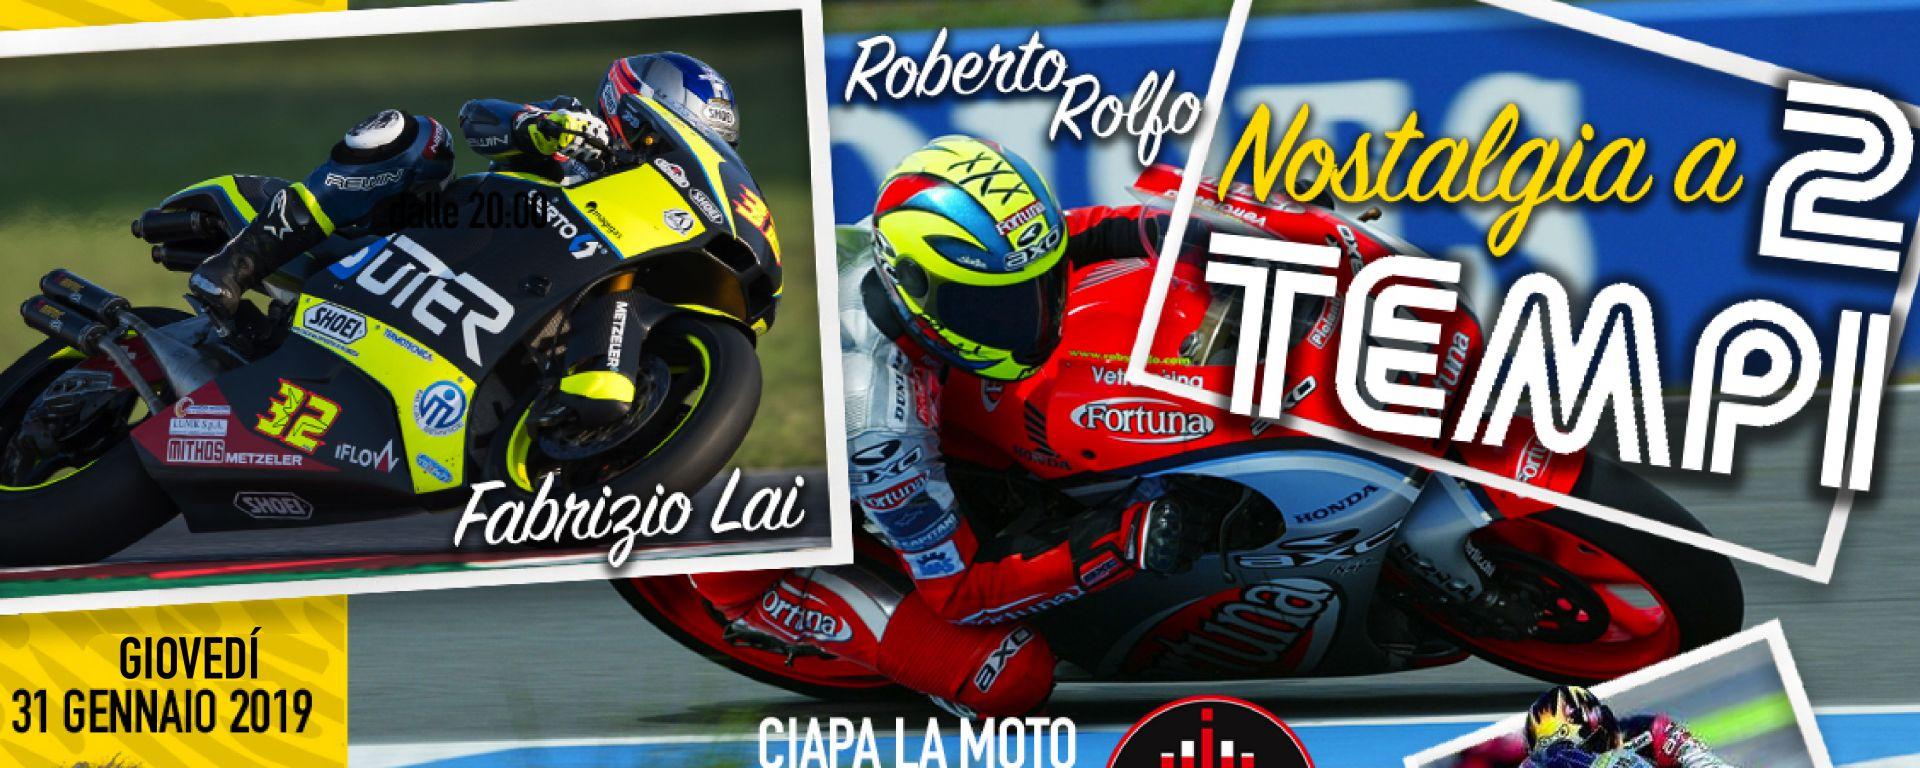 Ciapa La Moto Nostalgia 2 Tempi: revival degli anni 2000